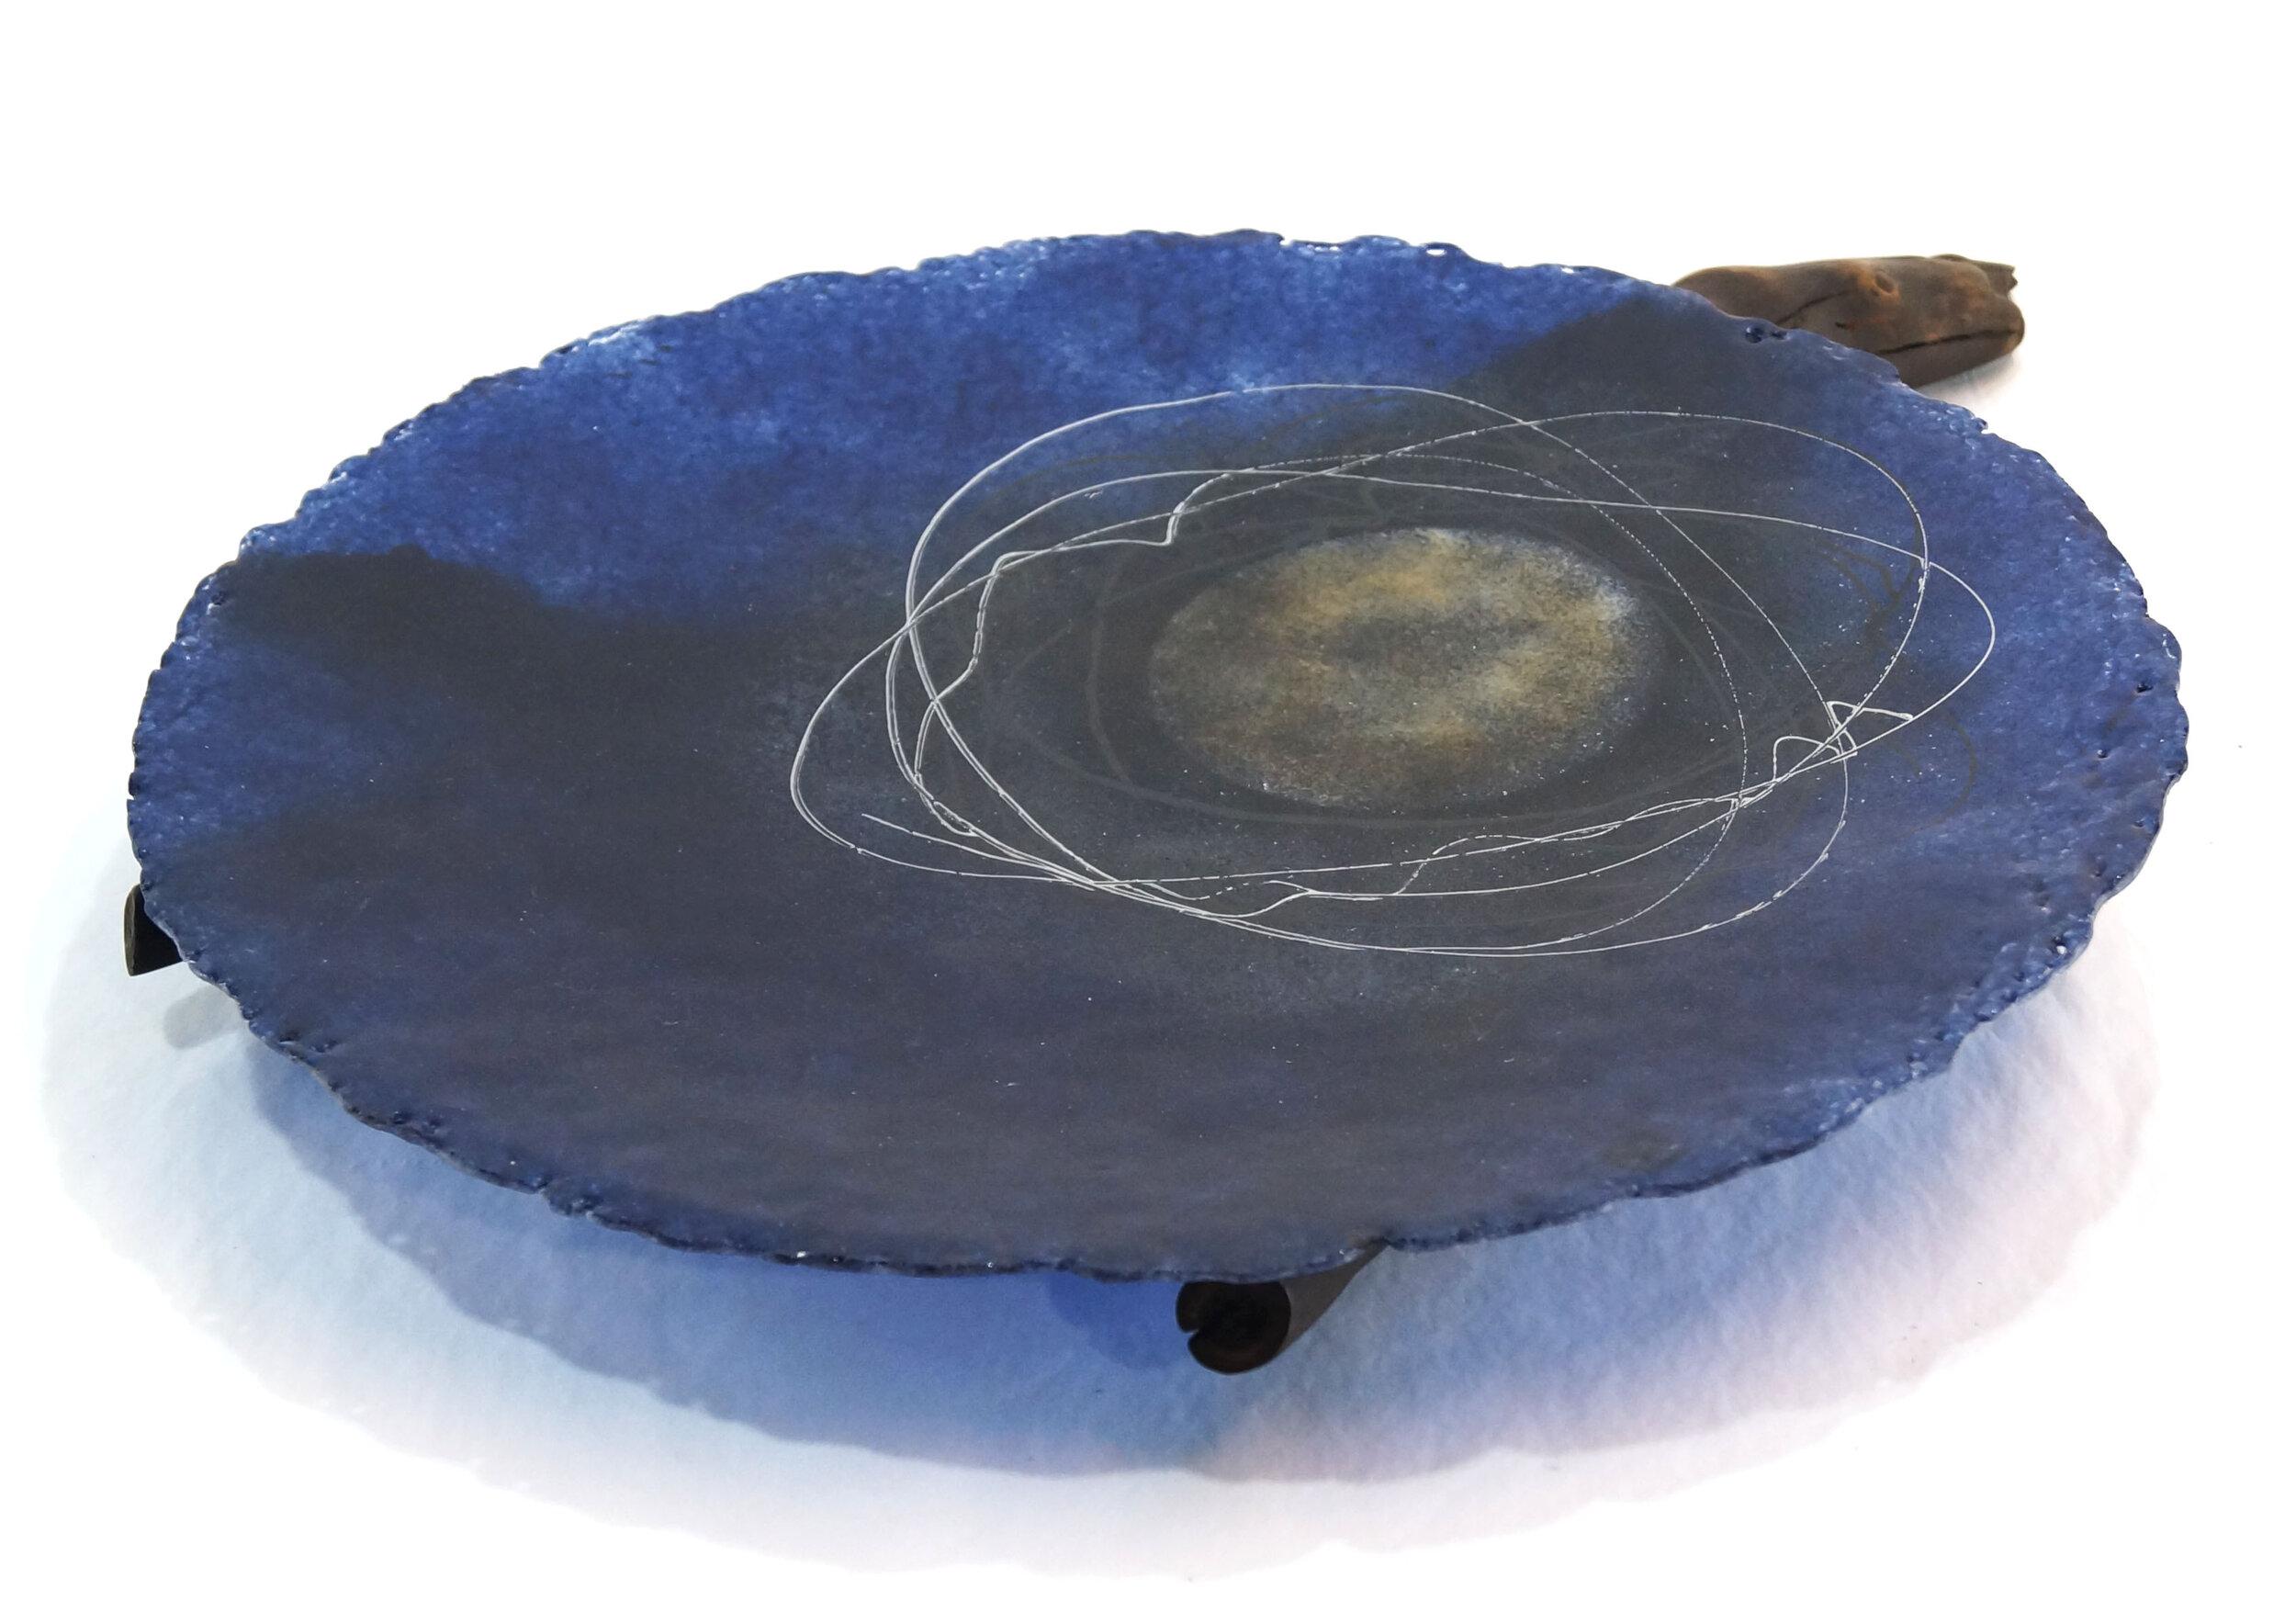 Moon Cradle 2 – pate de verre, scorched wood, 14''w x 4''h (35cm x 10cm), $300